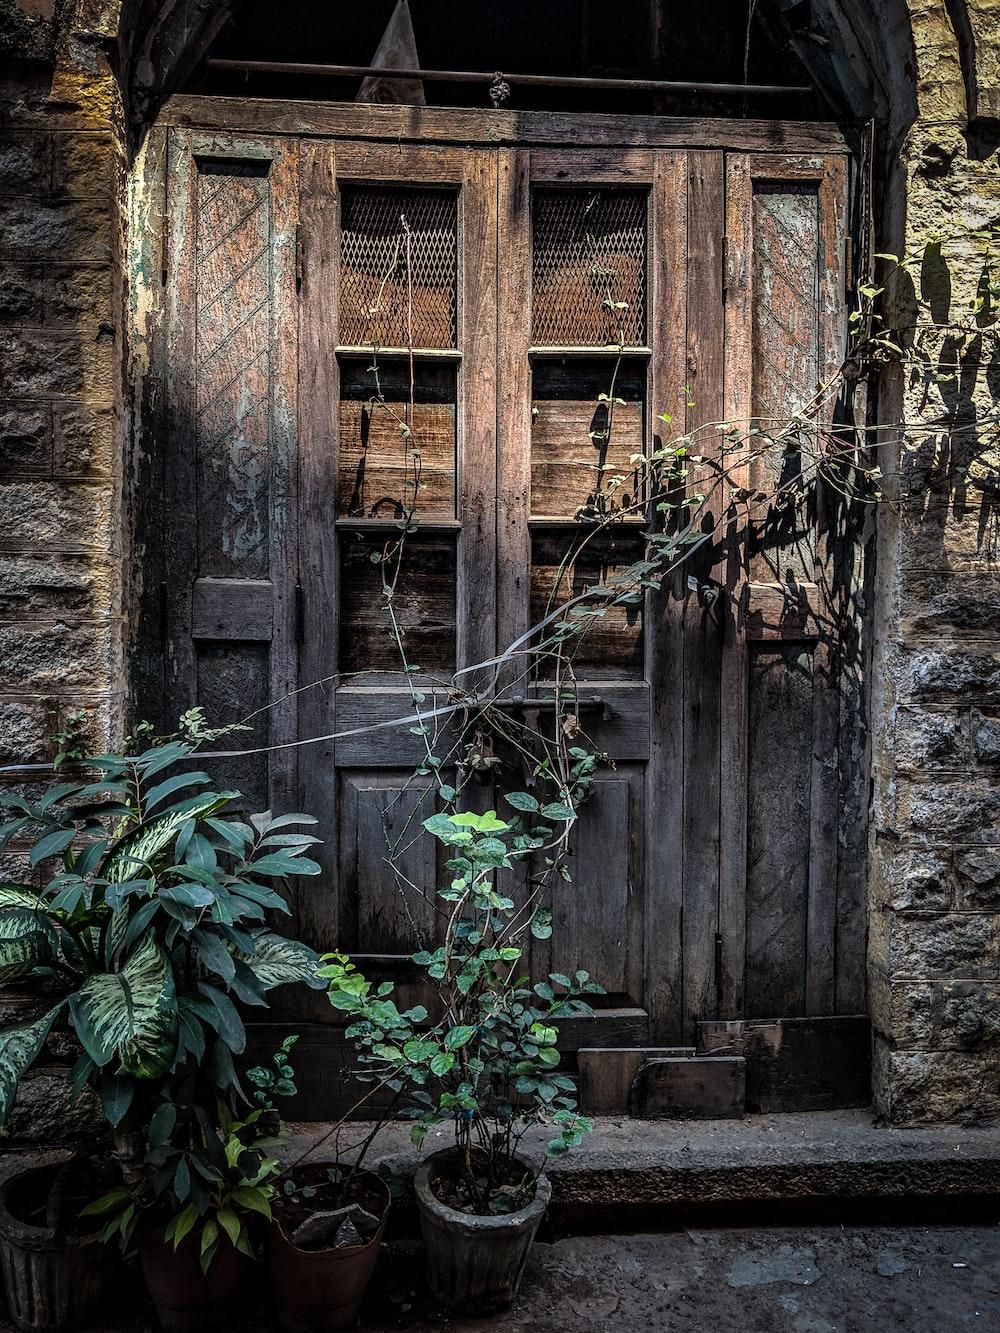 closed brown wooden doors